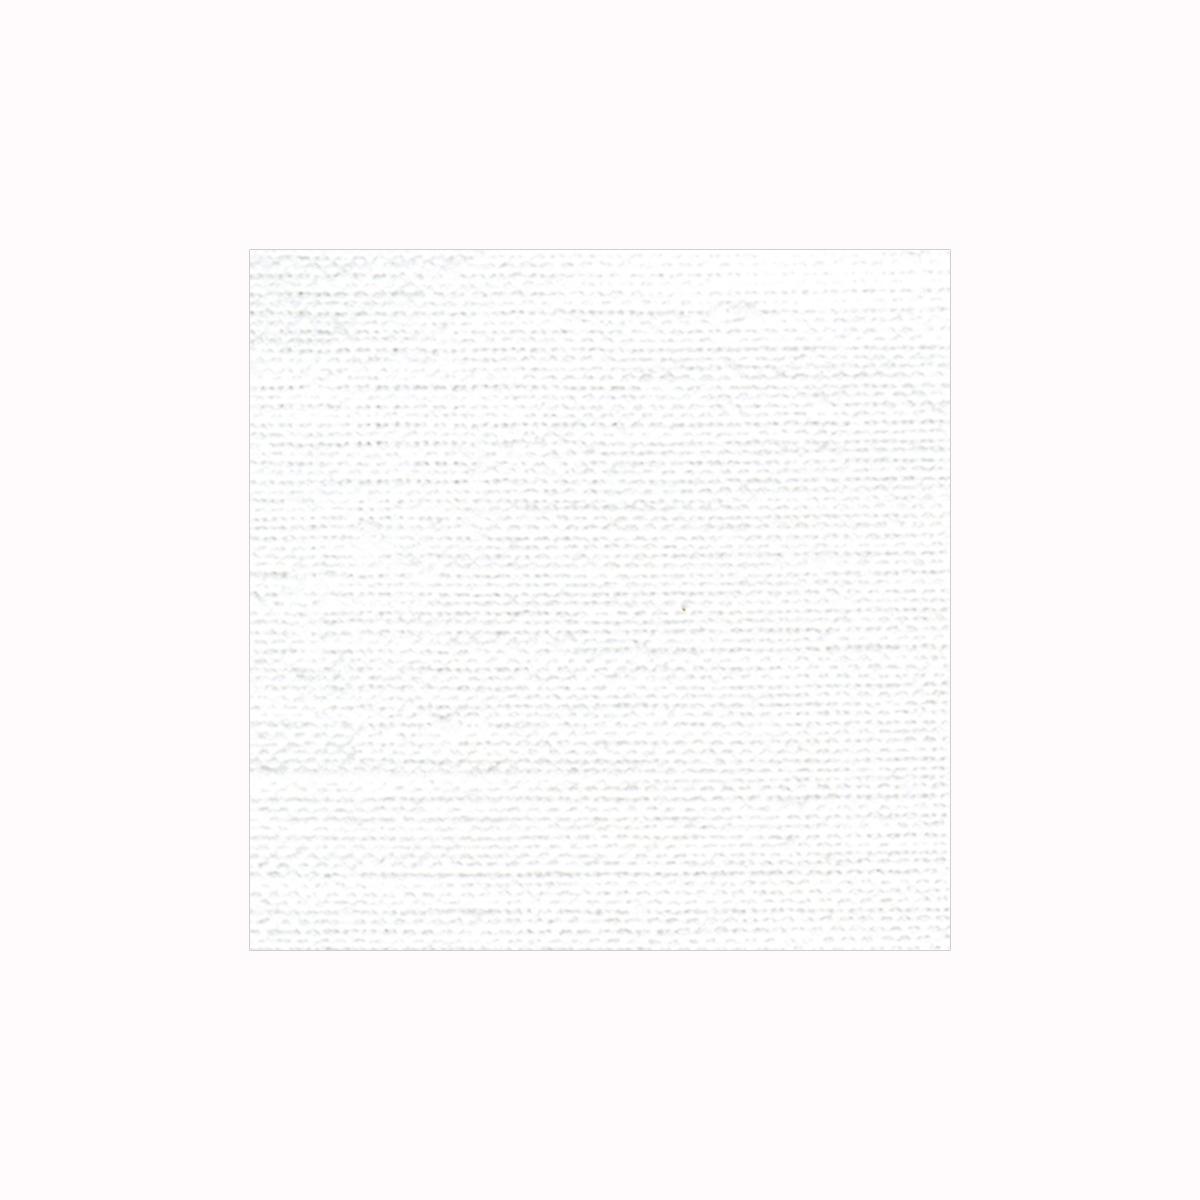 Бумага фактурная Лоза Холст, цвет: белый, 3 листа582219Фактурная бумага для скрапбукинга Лоза Холст позволит создать красивый альбом, фоторамку или открытку ручной работы, оформить подарок или аппликацию. Набор включает в себя 3 листа из плотной бумаги.Скрапбукинг - это хобби, которое способно приносить массу приятных эмоций не только человеку, который этим занимается, но и его близким, друзьям, родным. Это невероятно увлекательное занятие, которое поможет вам сохранить наиболее памятные и яркие моменты вашей жизни, а также интересно оформить интерьер дома.